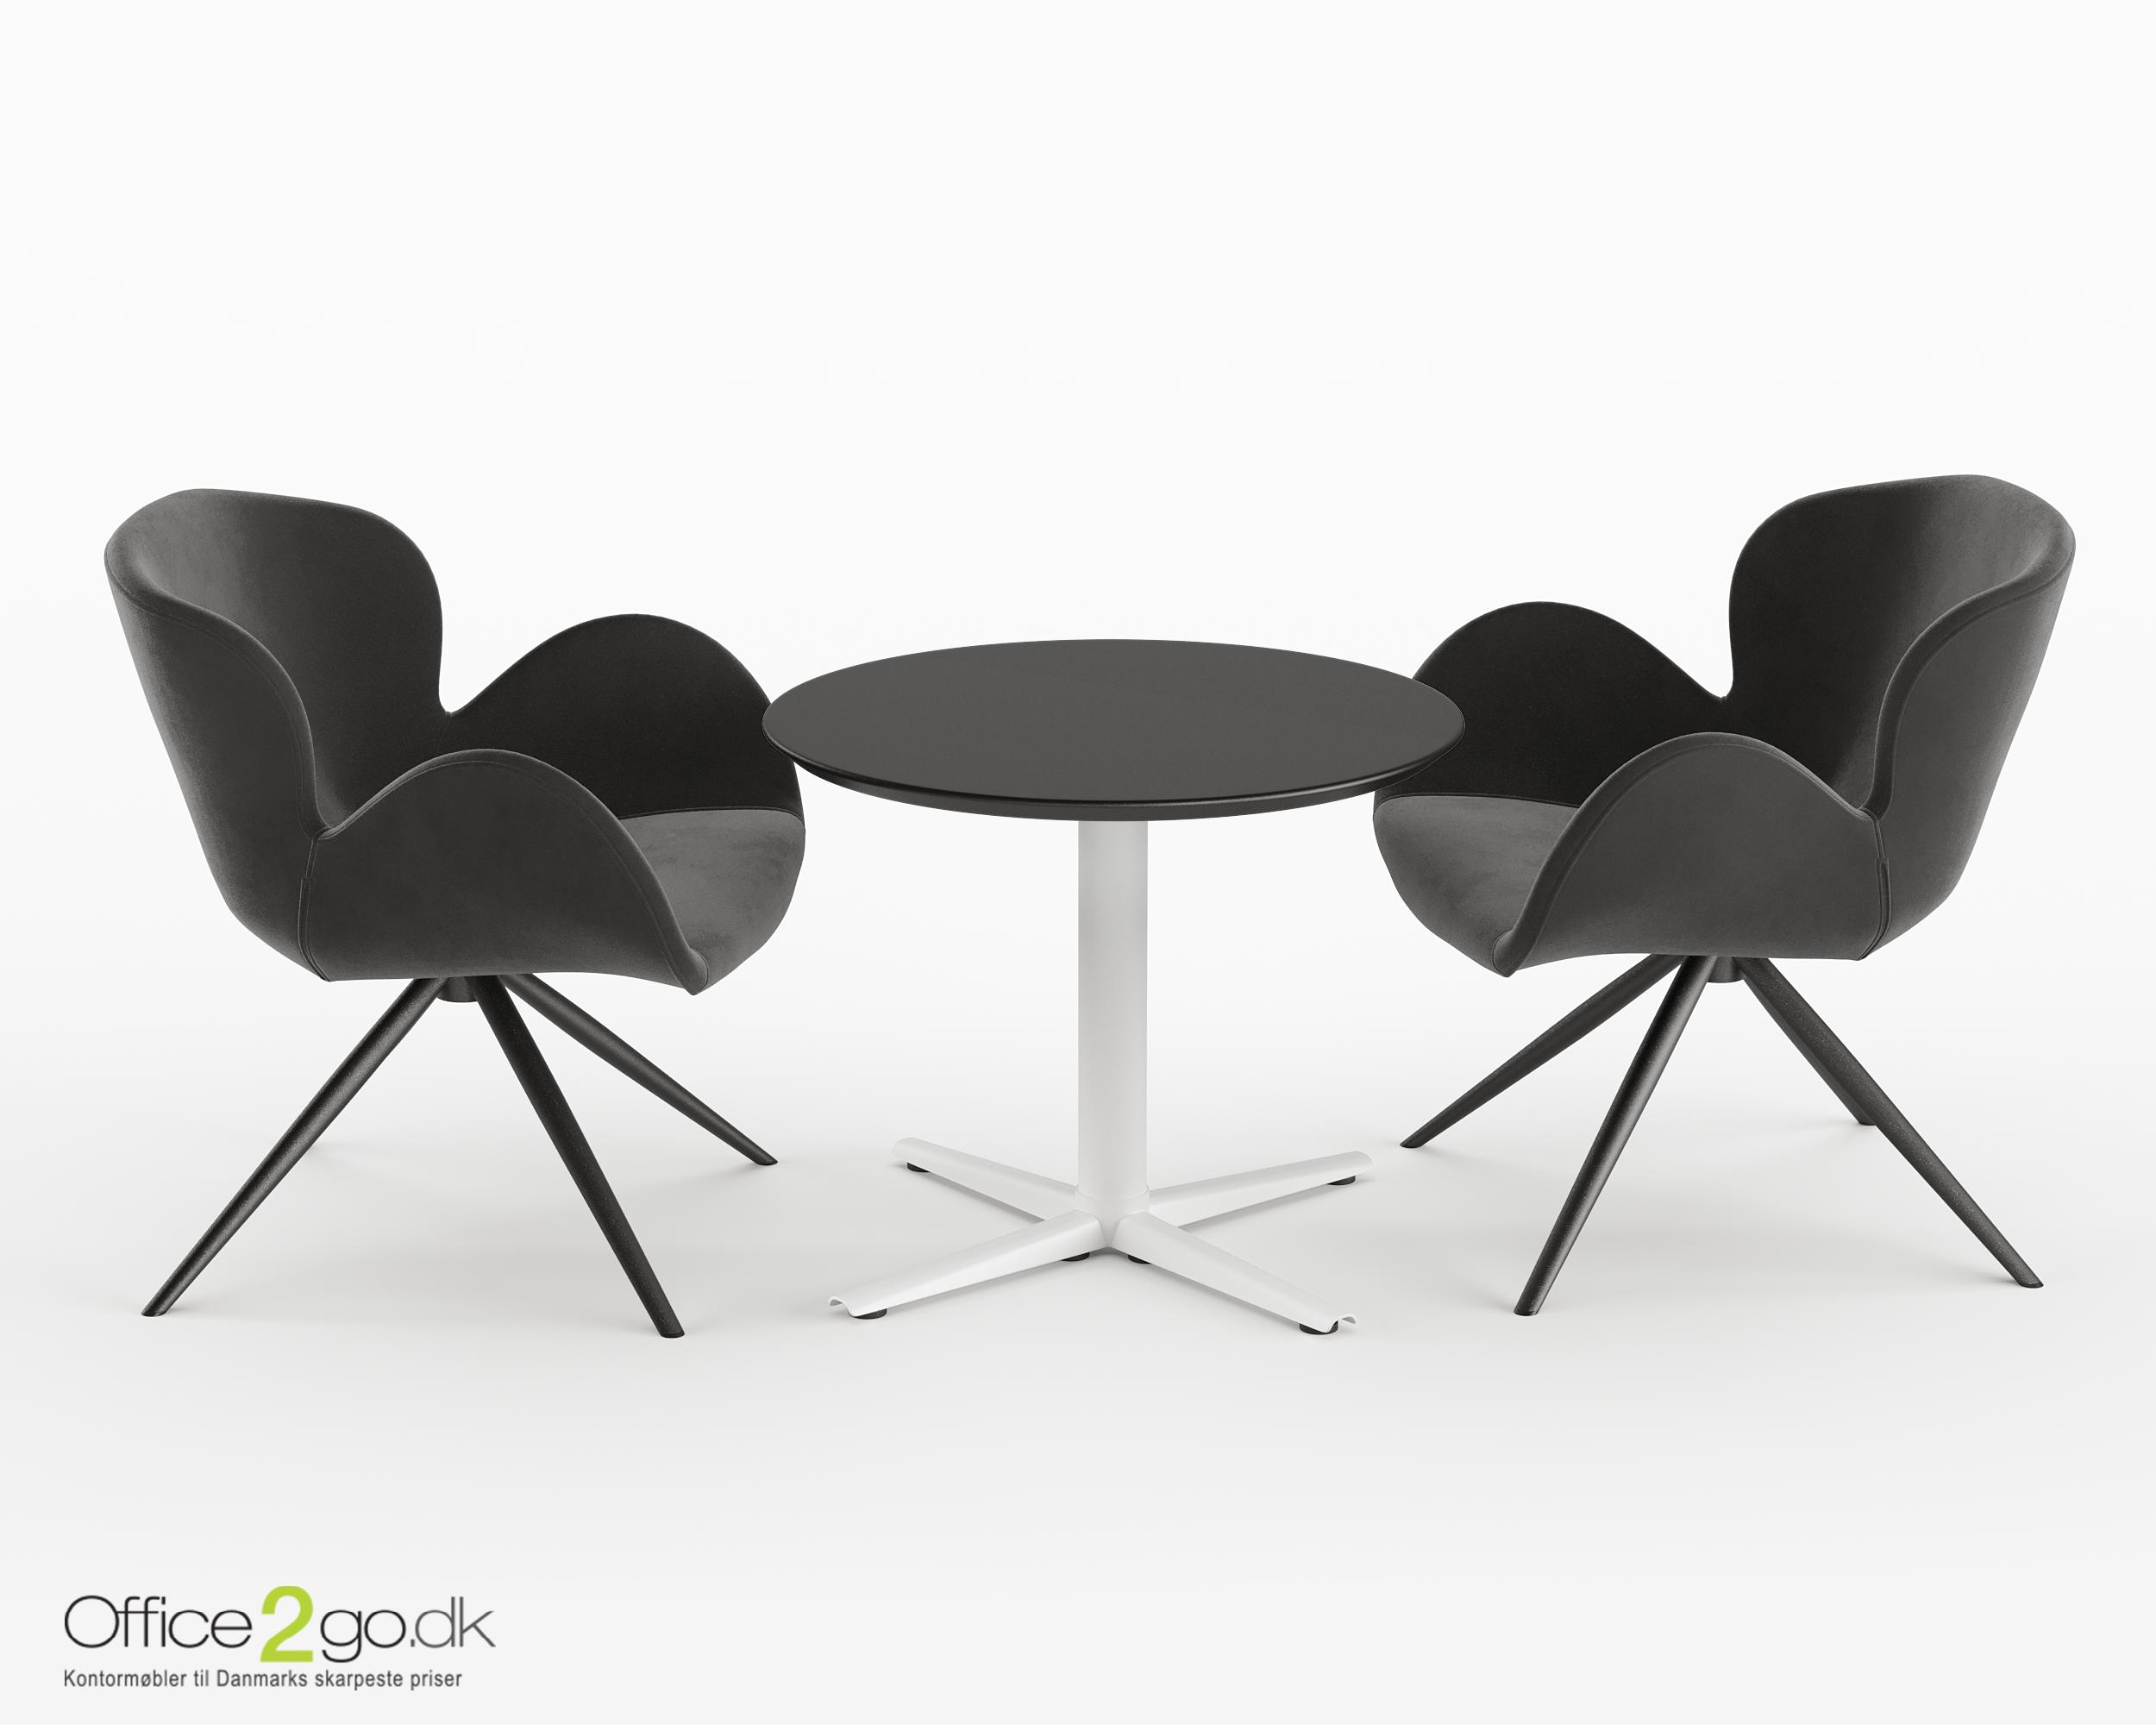 Switch mødebord - 2 personer - Ø 70 cm.